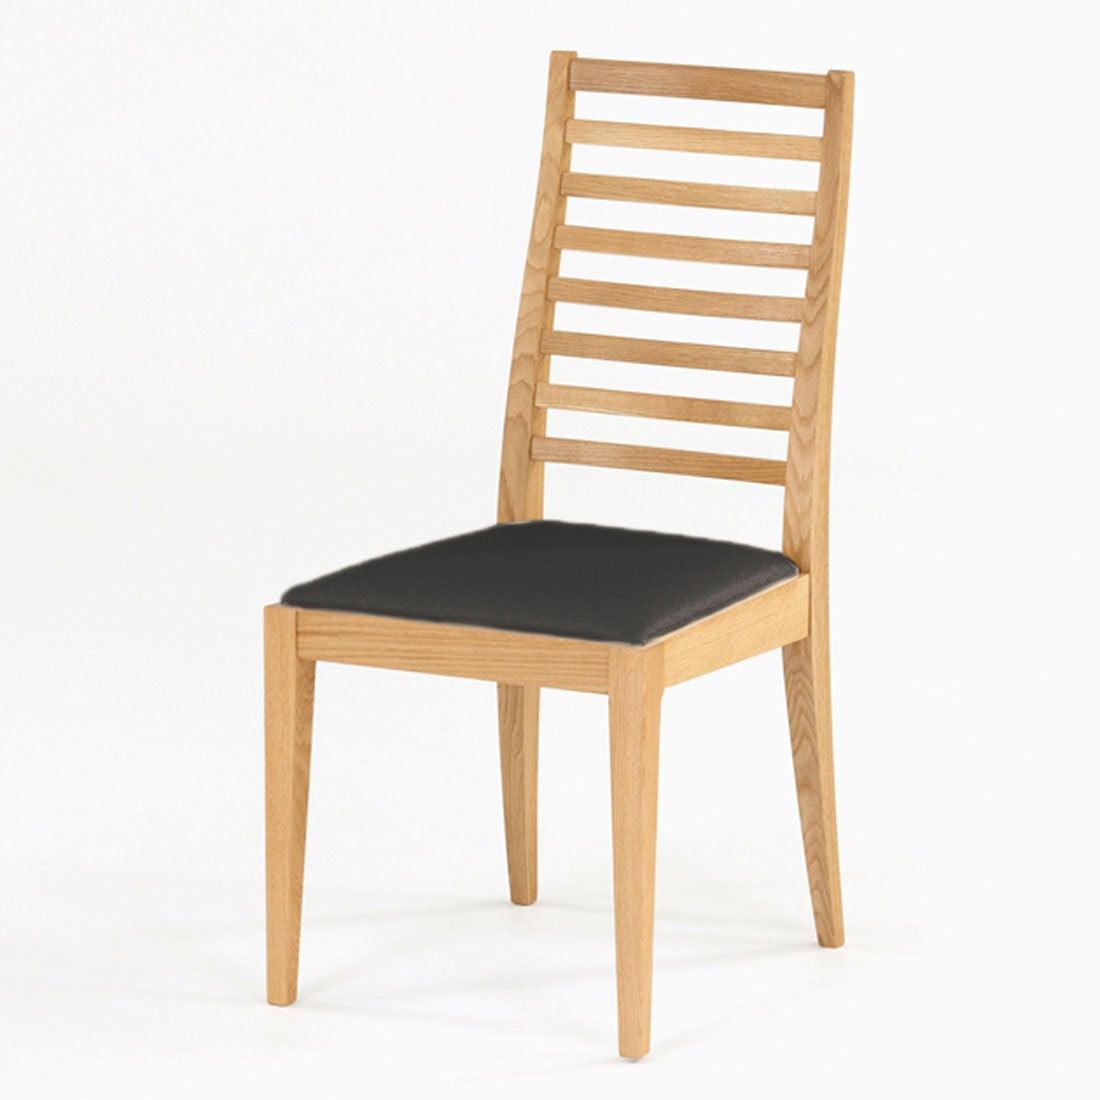 IDC OTSUKA/大塚家具 椅子 N005 #PVC/WOナラ ブラック (ホワイトオーク)